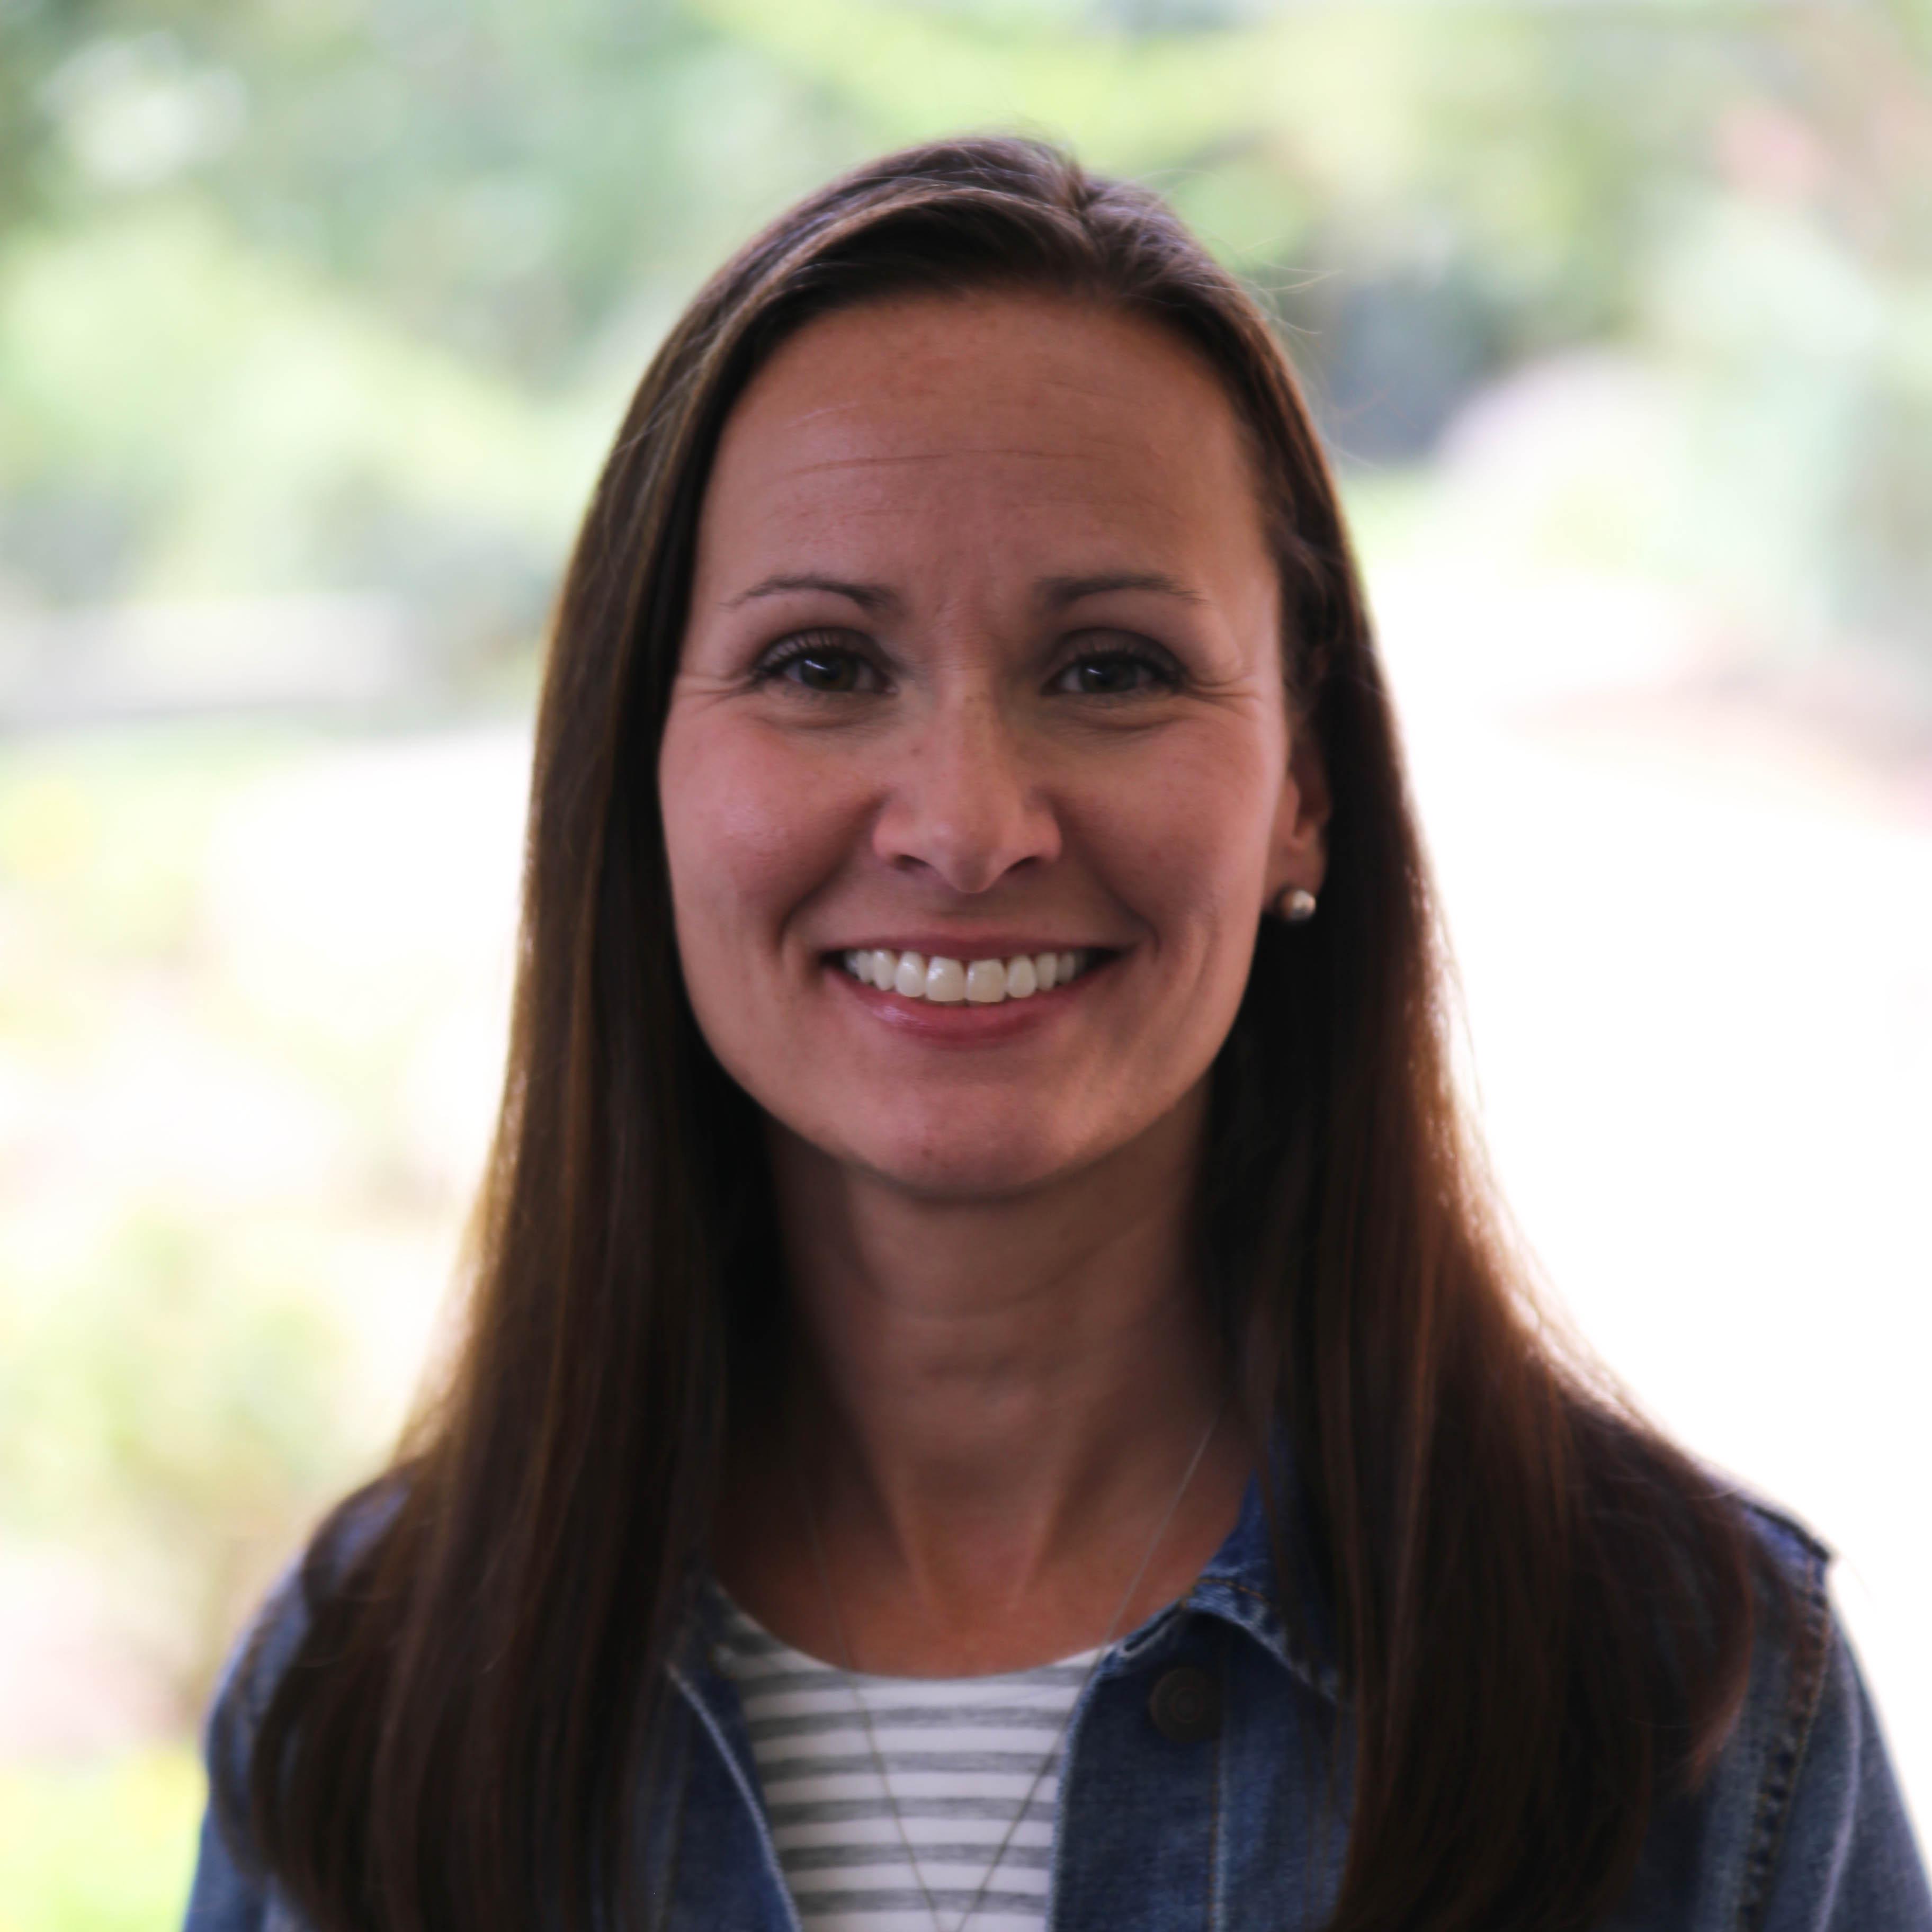 Susan Koone